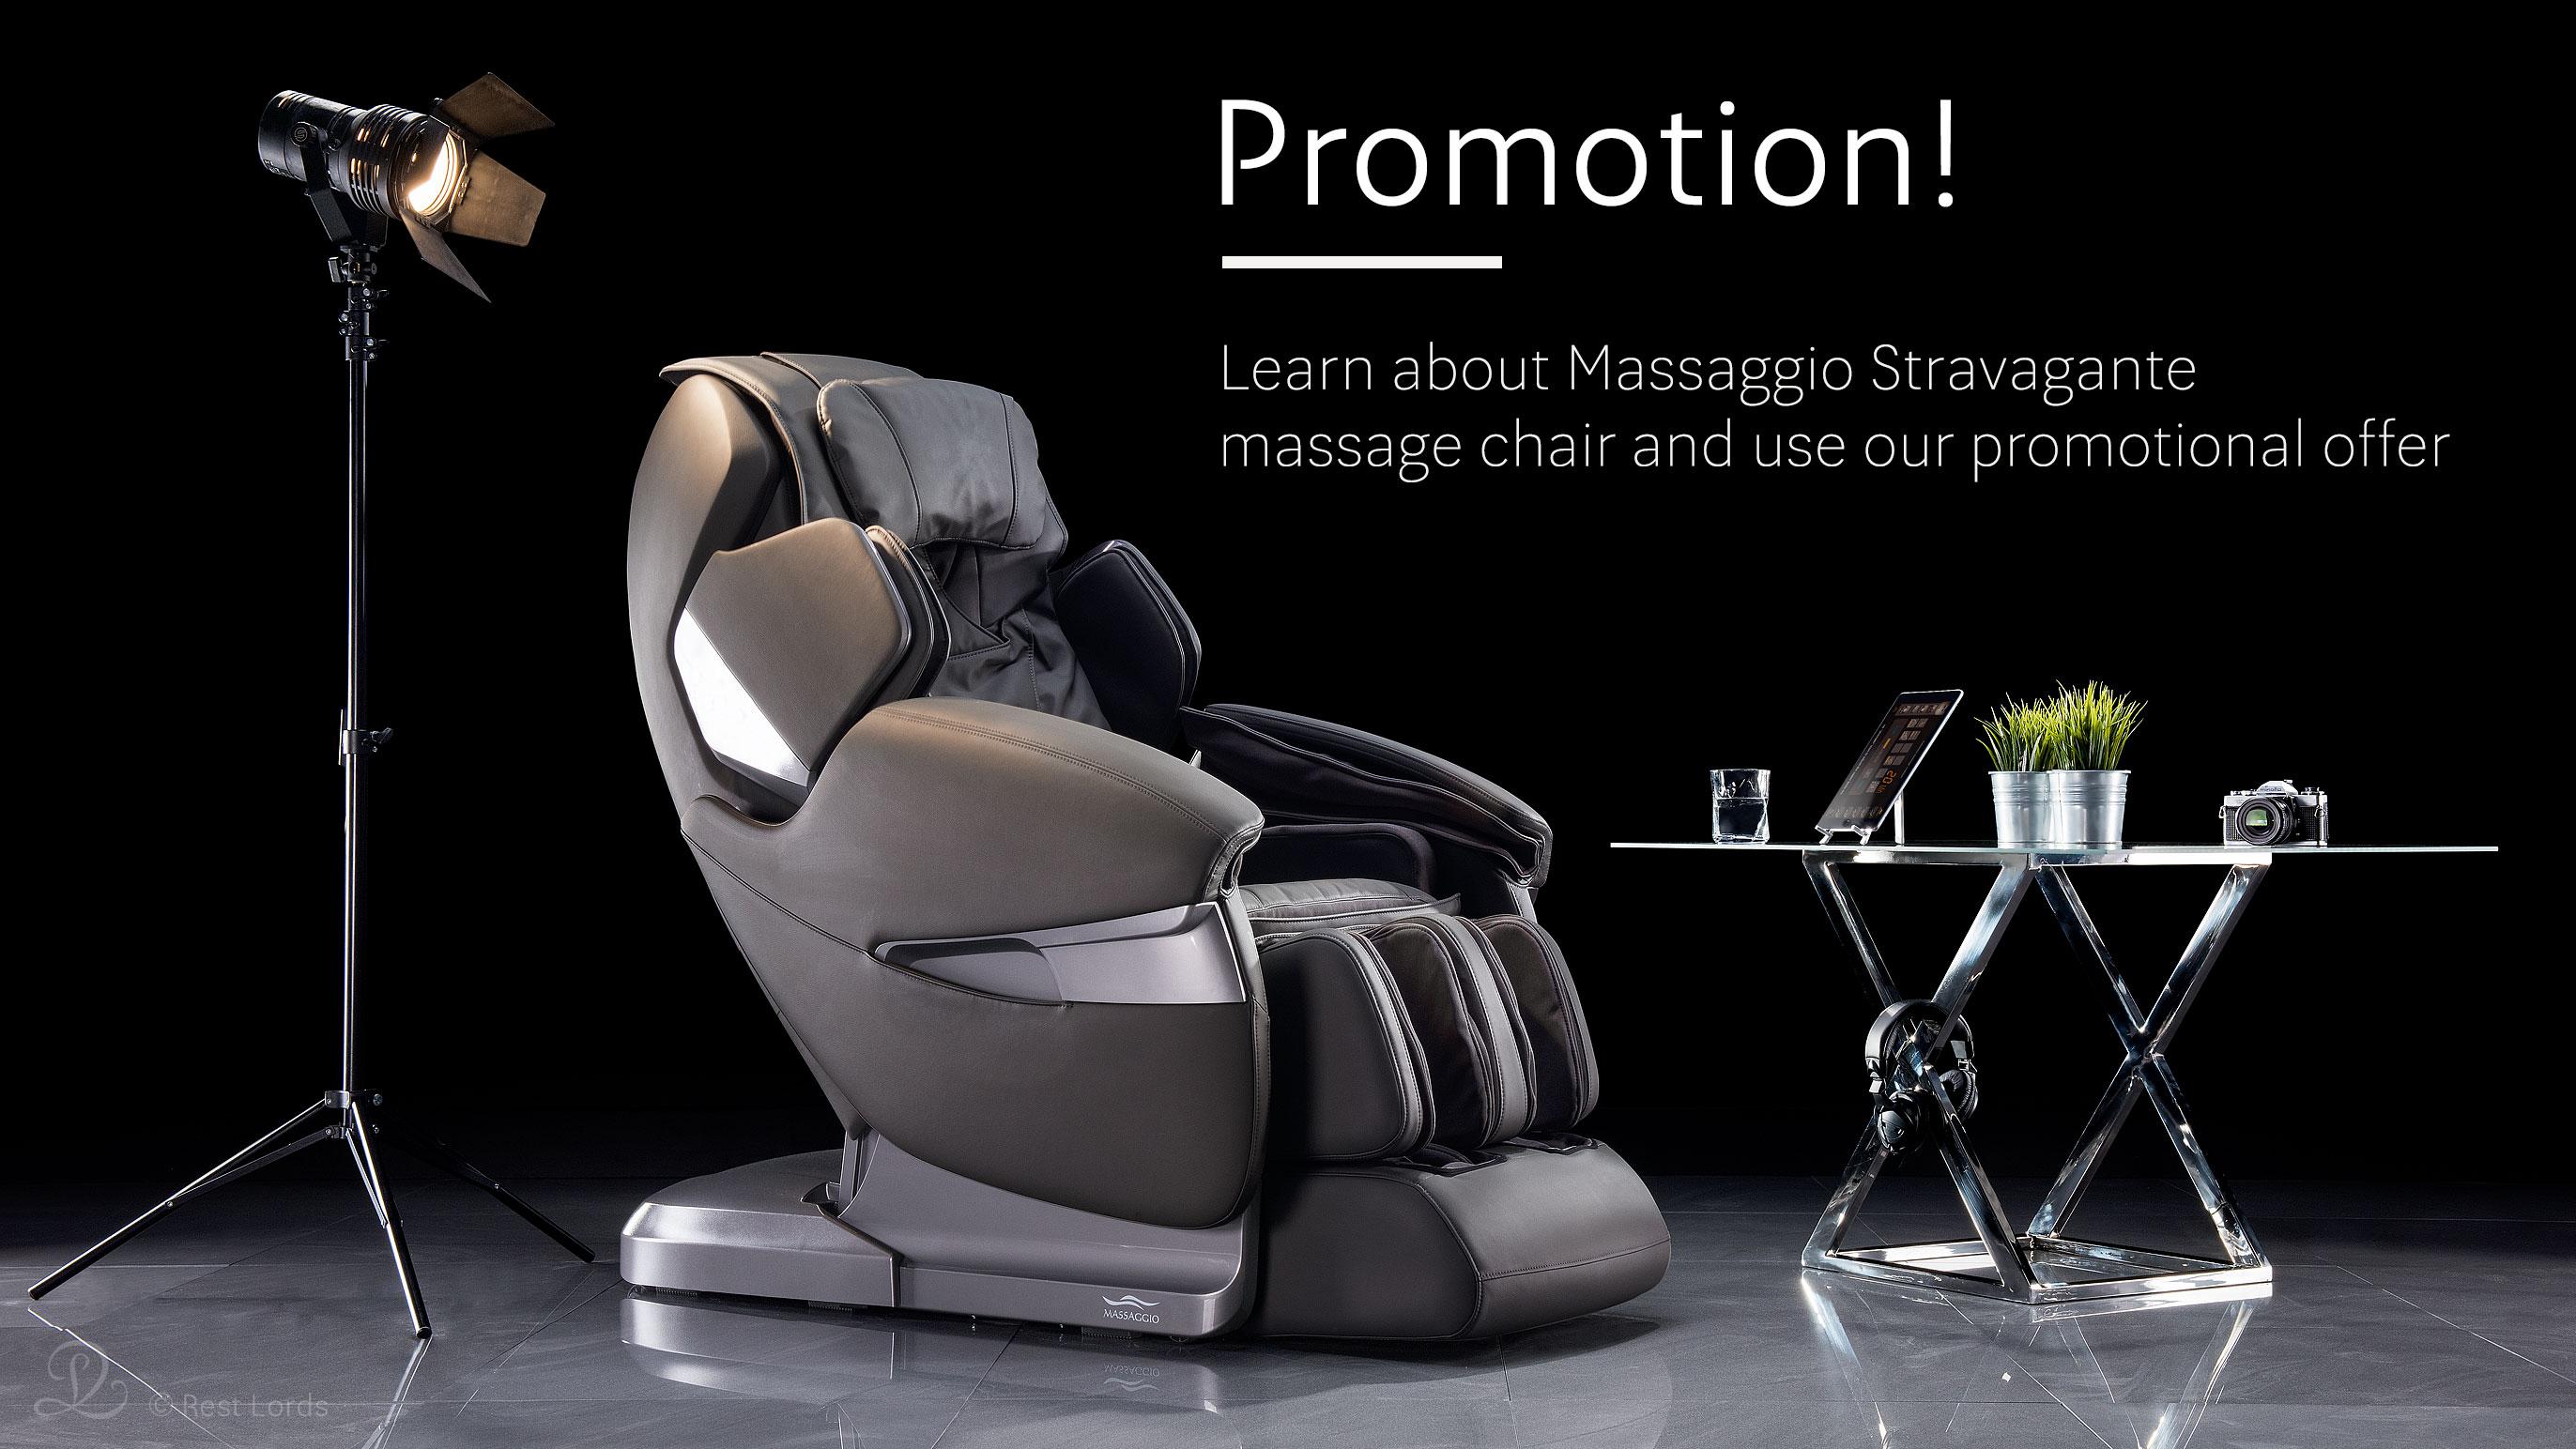 Massage chair Massaggio Stravagante on sale promotion